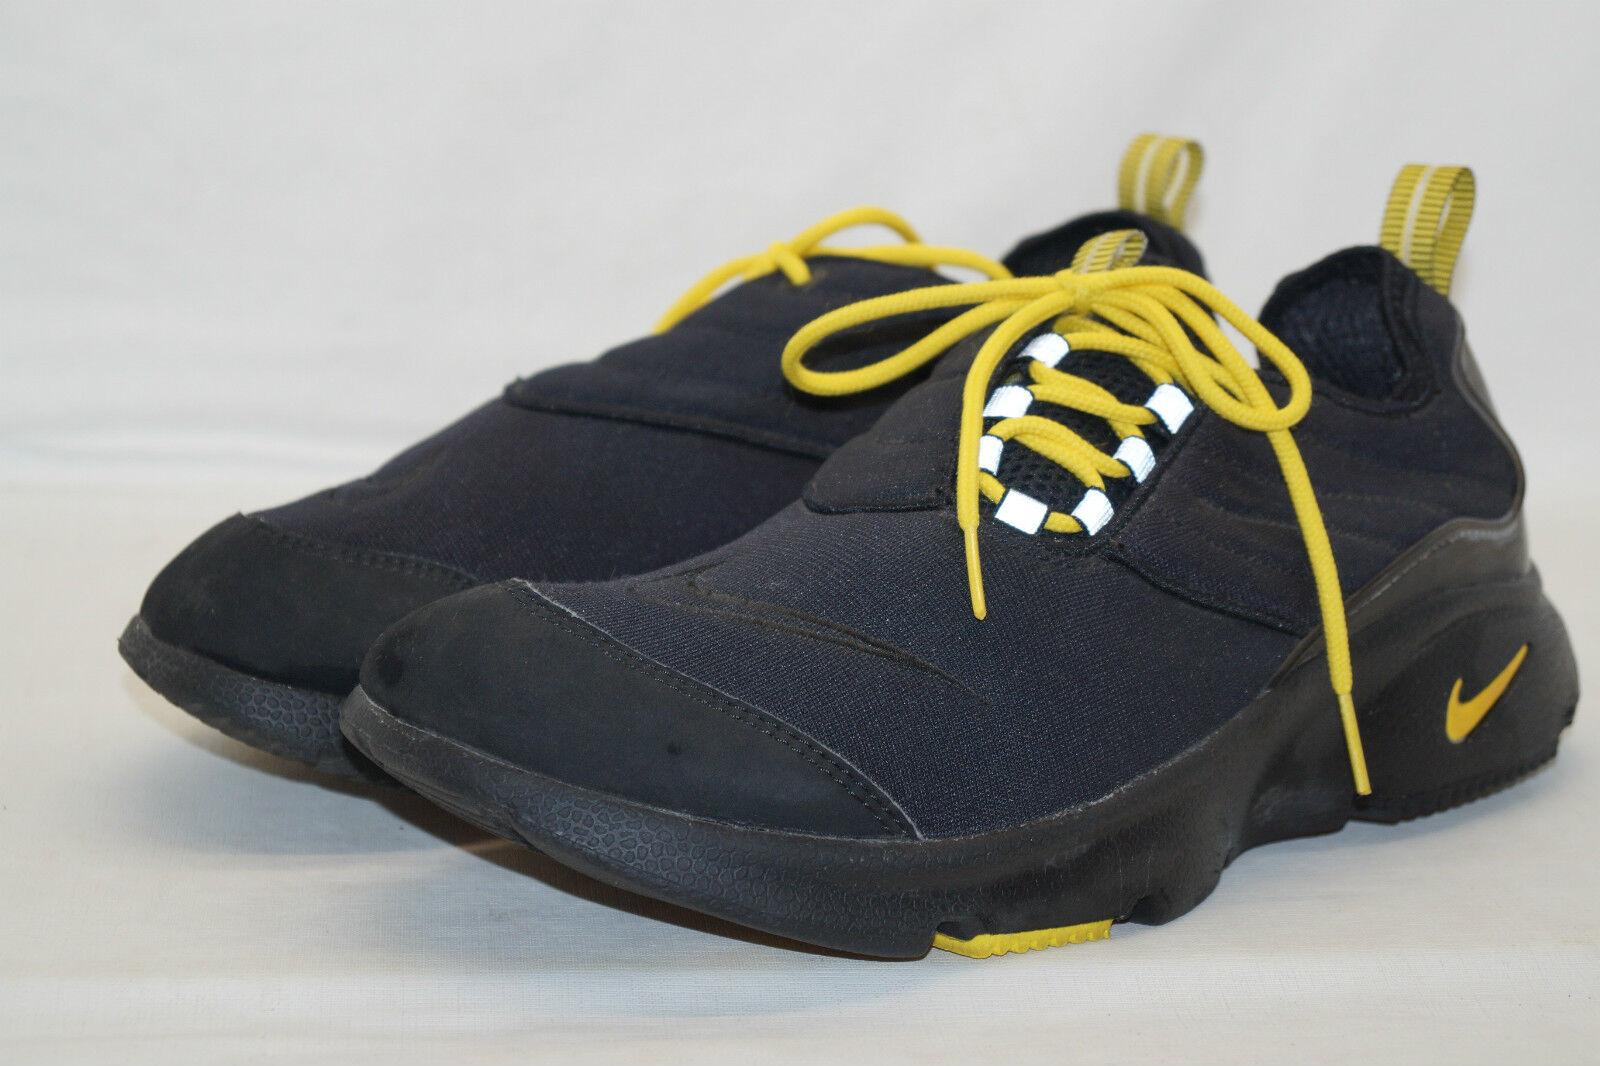 Nike AIR running Footscape schuhe  Gr.43 UK 8,5 von 2001 schwarz Gelb 104314-071 Schöne kunst